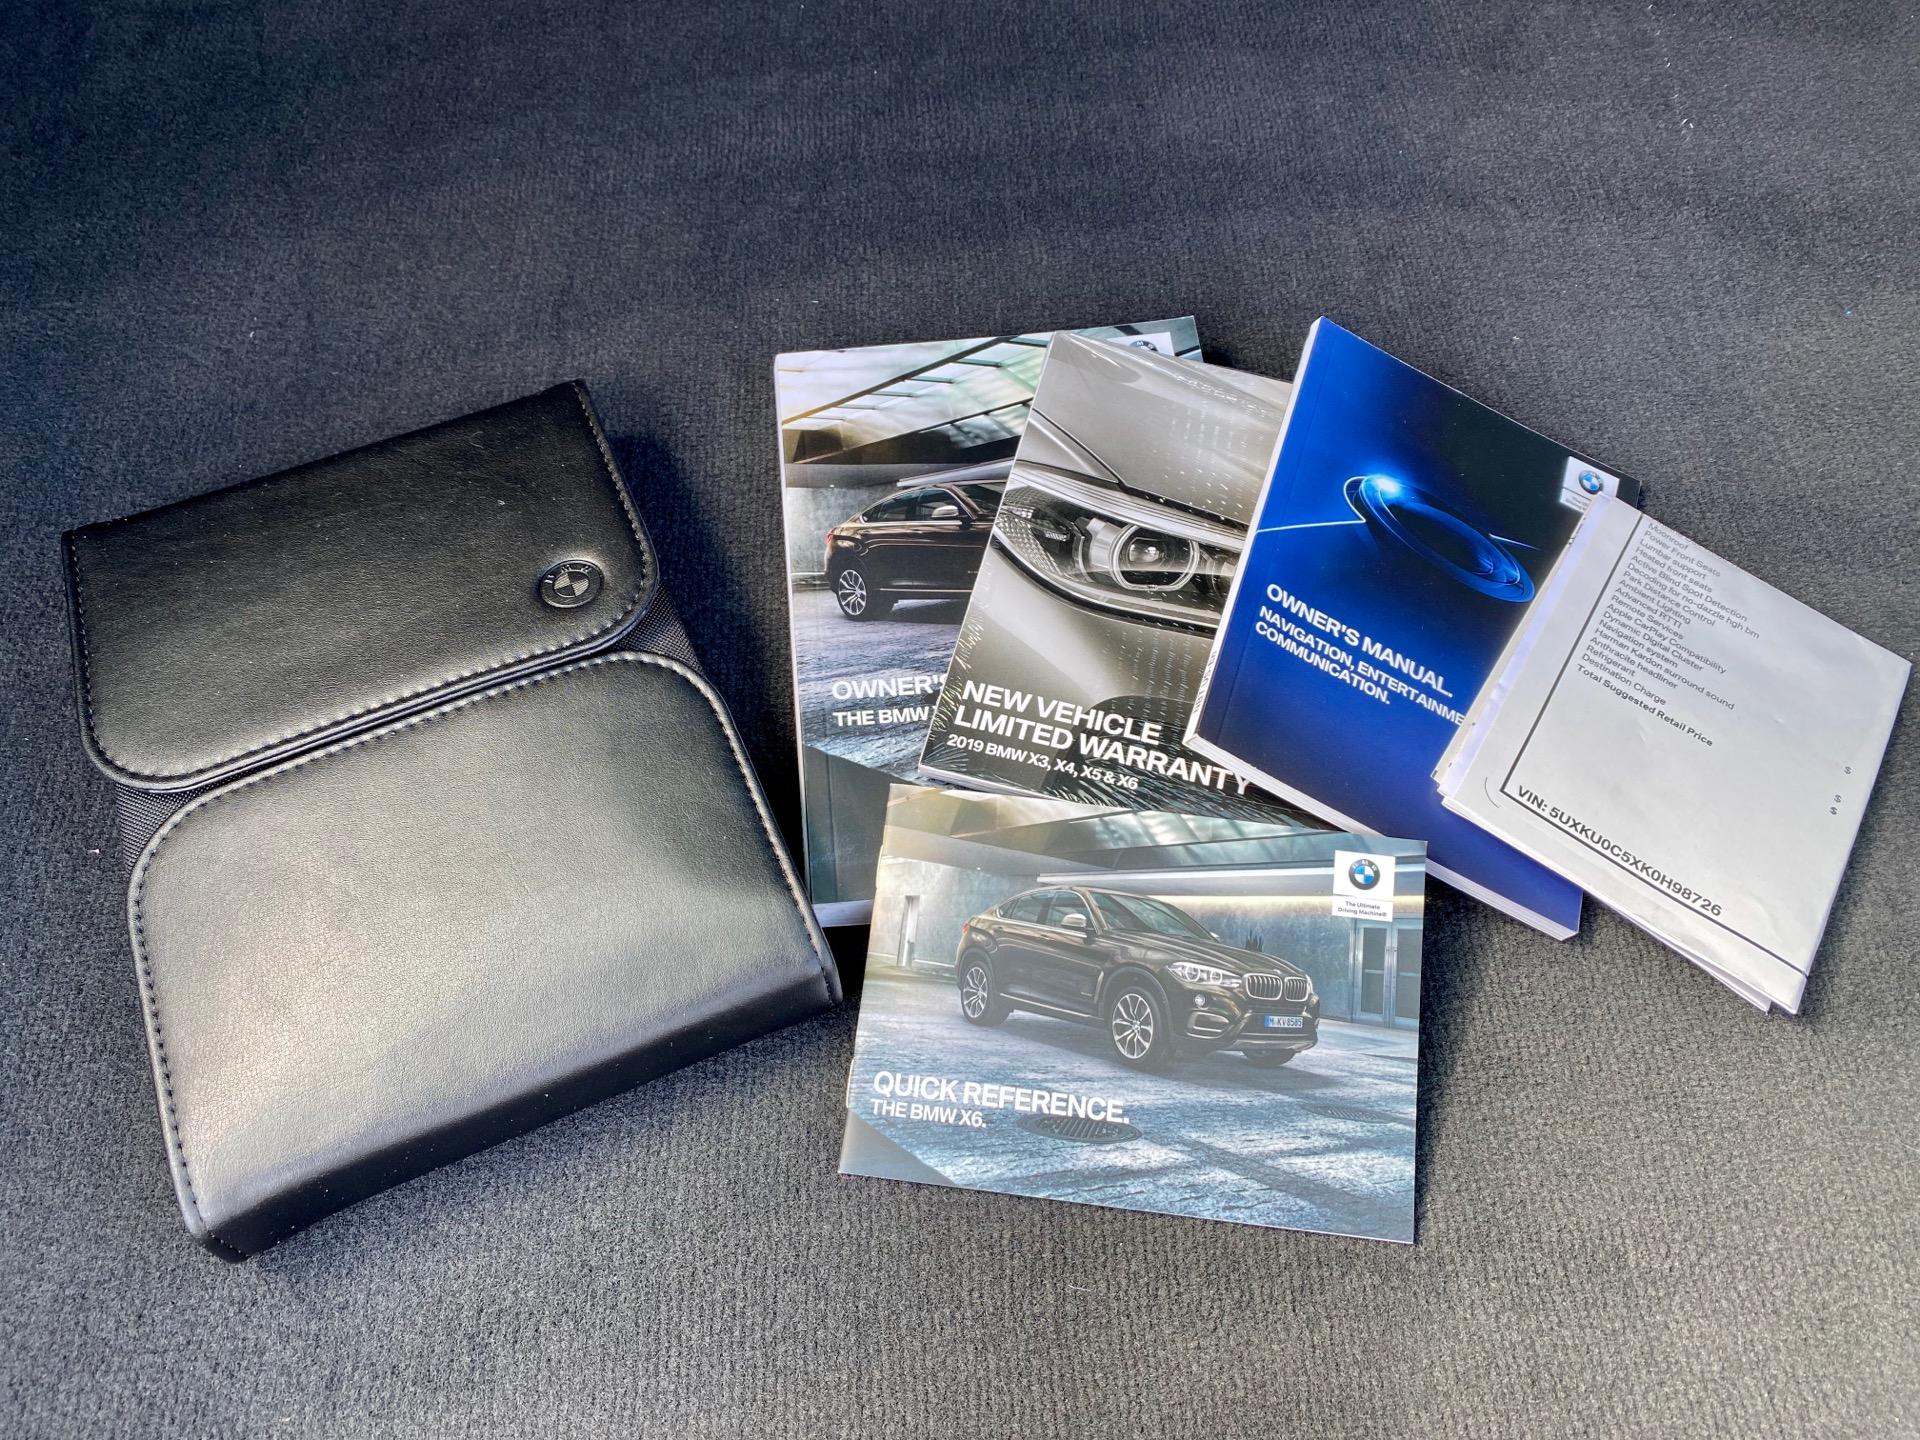 2019 BMW X6 - photo 3